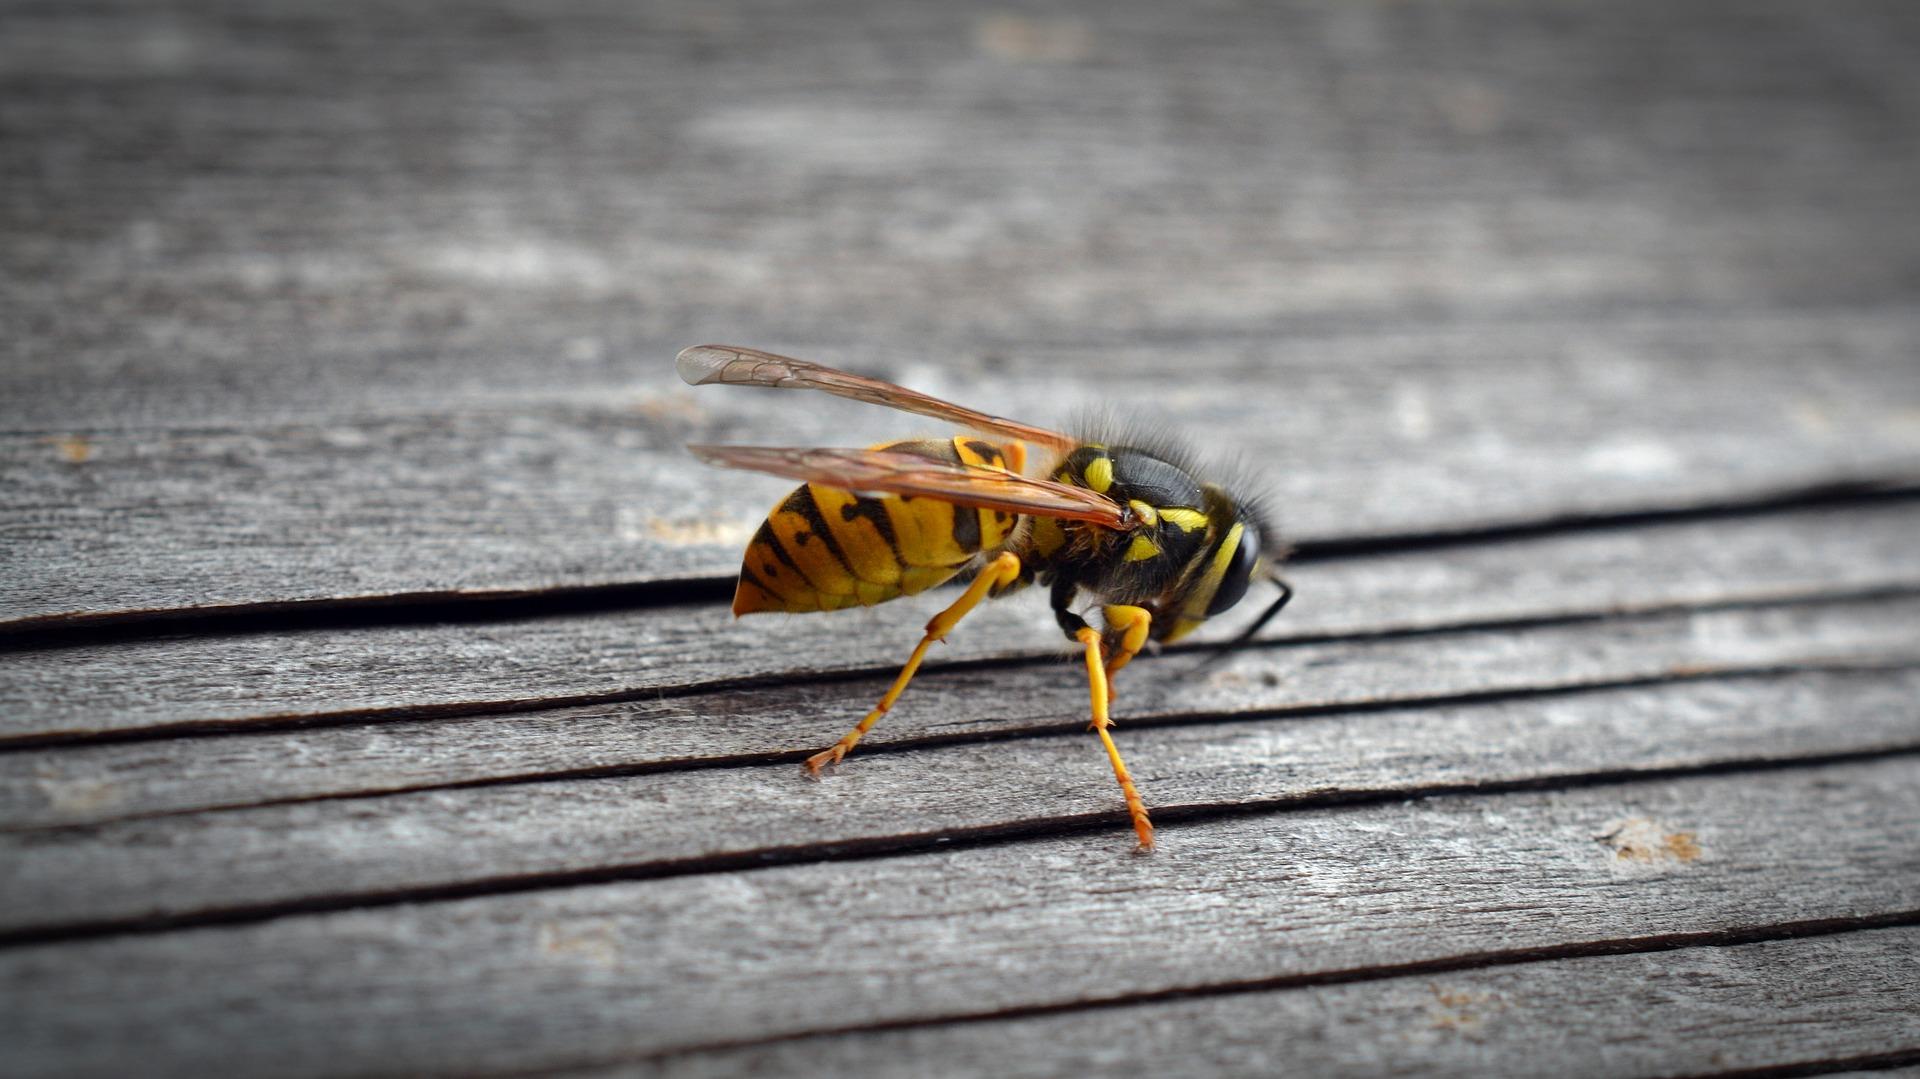 Insecte Salle De Bain Volant ~ insectes volants imago 3d entreprise sp cialiste 3d